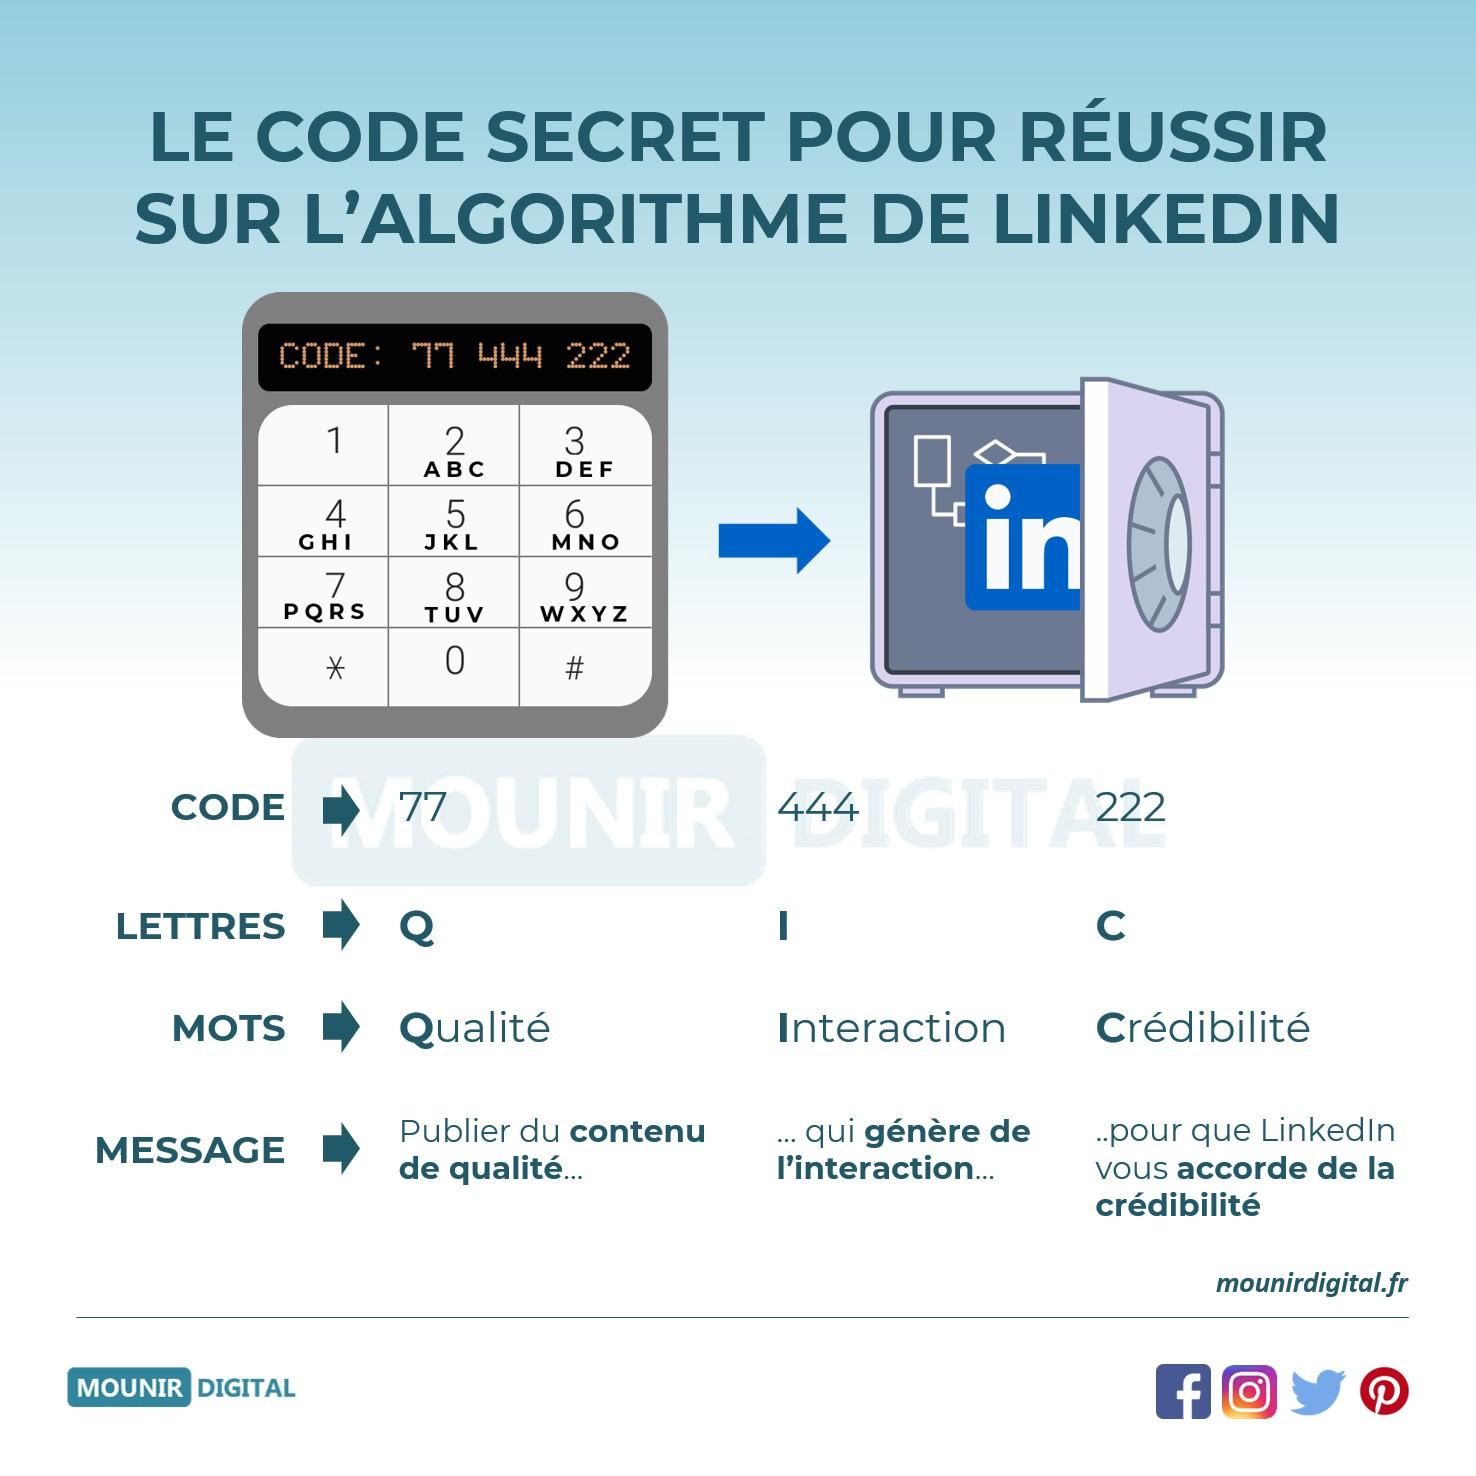 Mounir Digital - L'algorithme pour se démarquer sur LinkedIn - Infographies originales